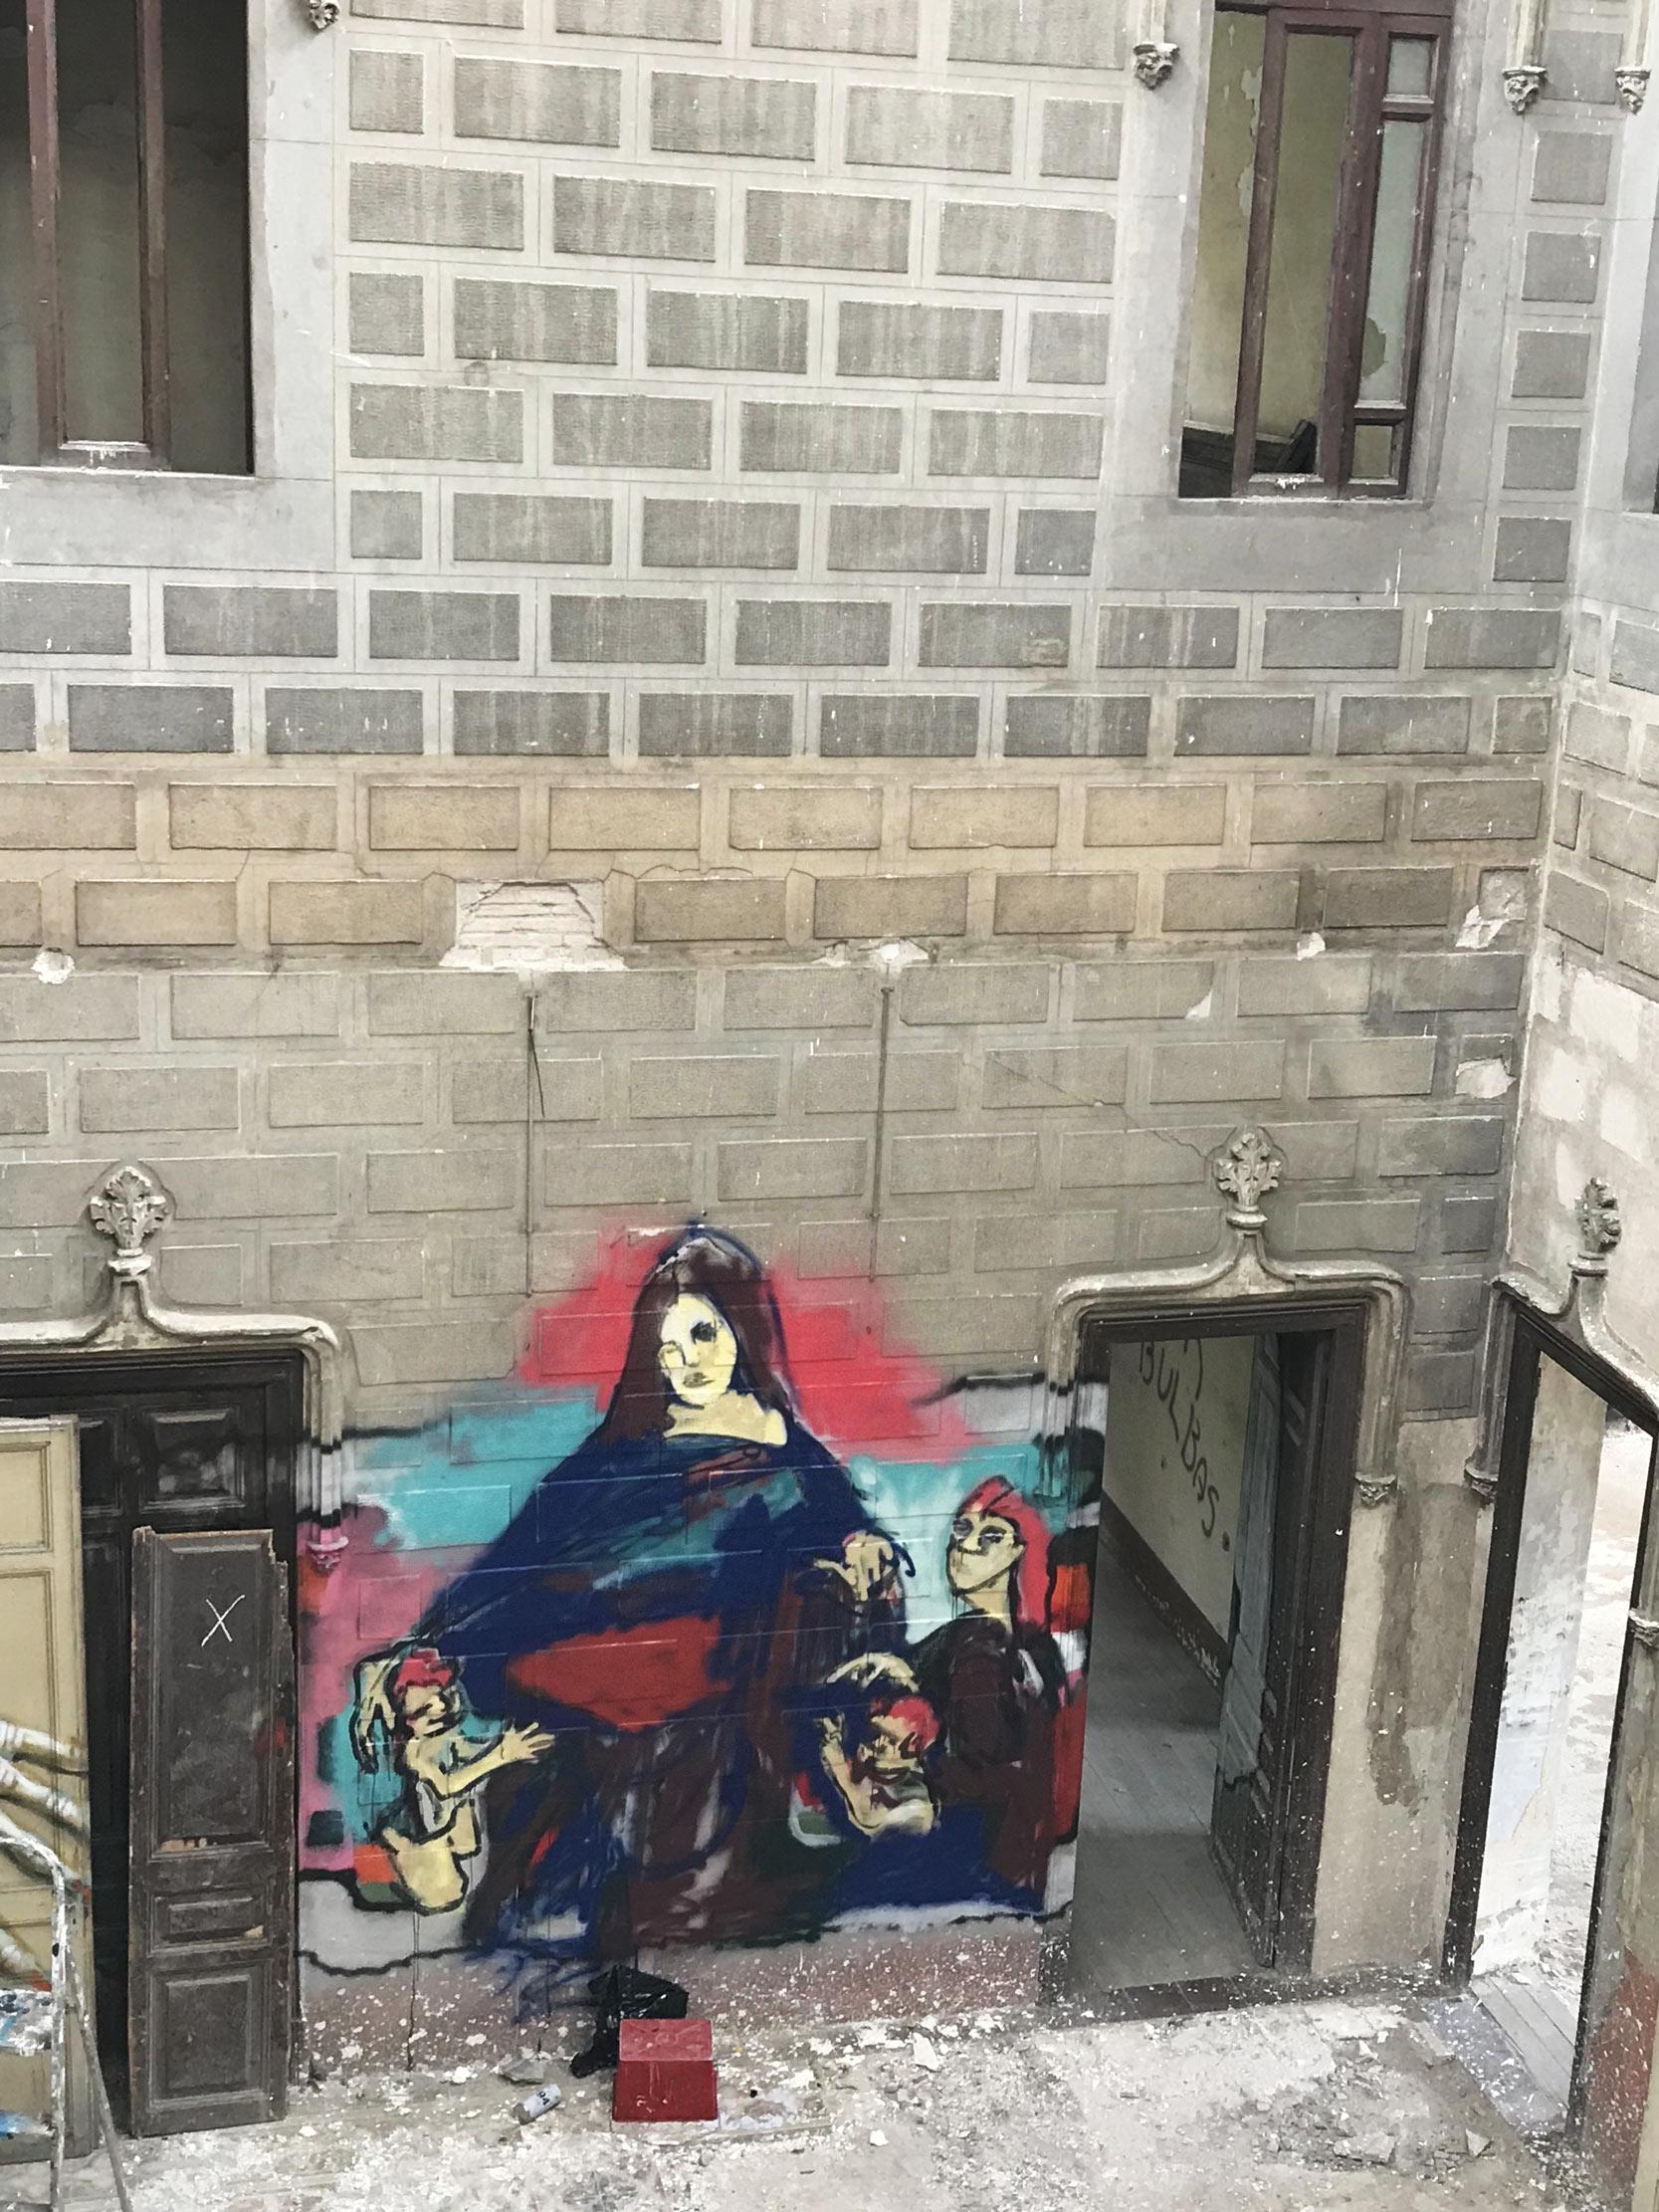 arte urbano Isabel Rabassa muralismo